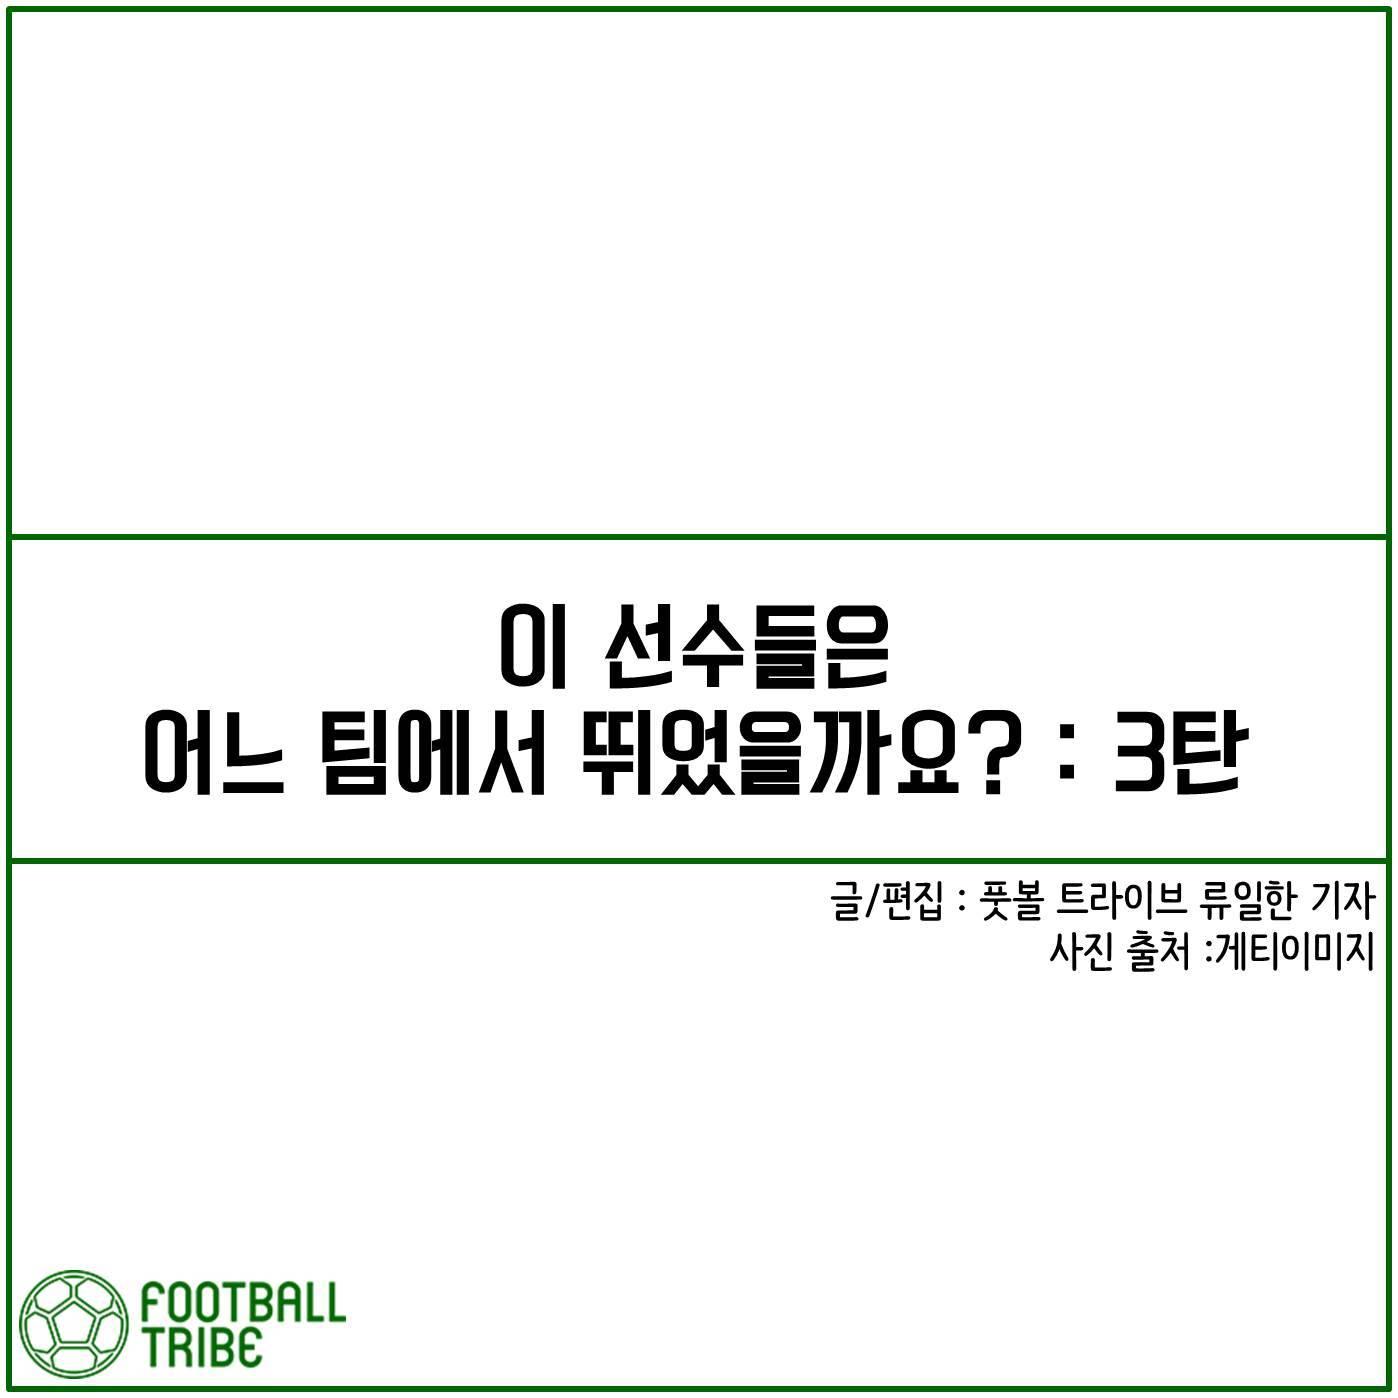 [카드 뉴스] 이 선수들은 어느 팀에서 뛰었을까요?: 3탄